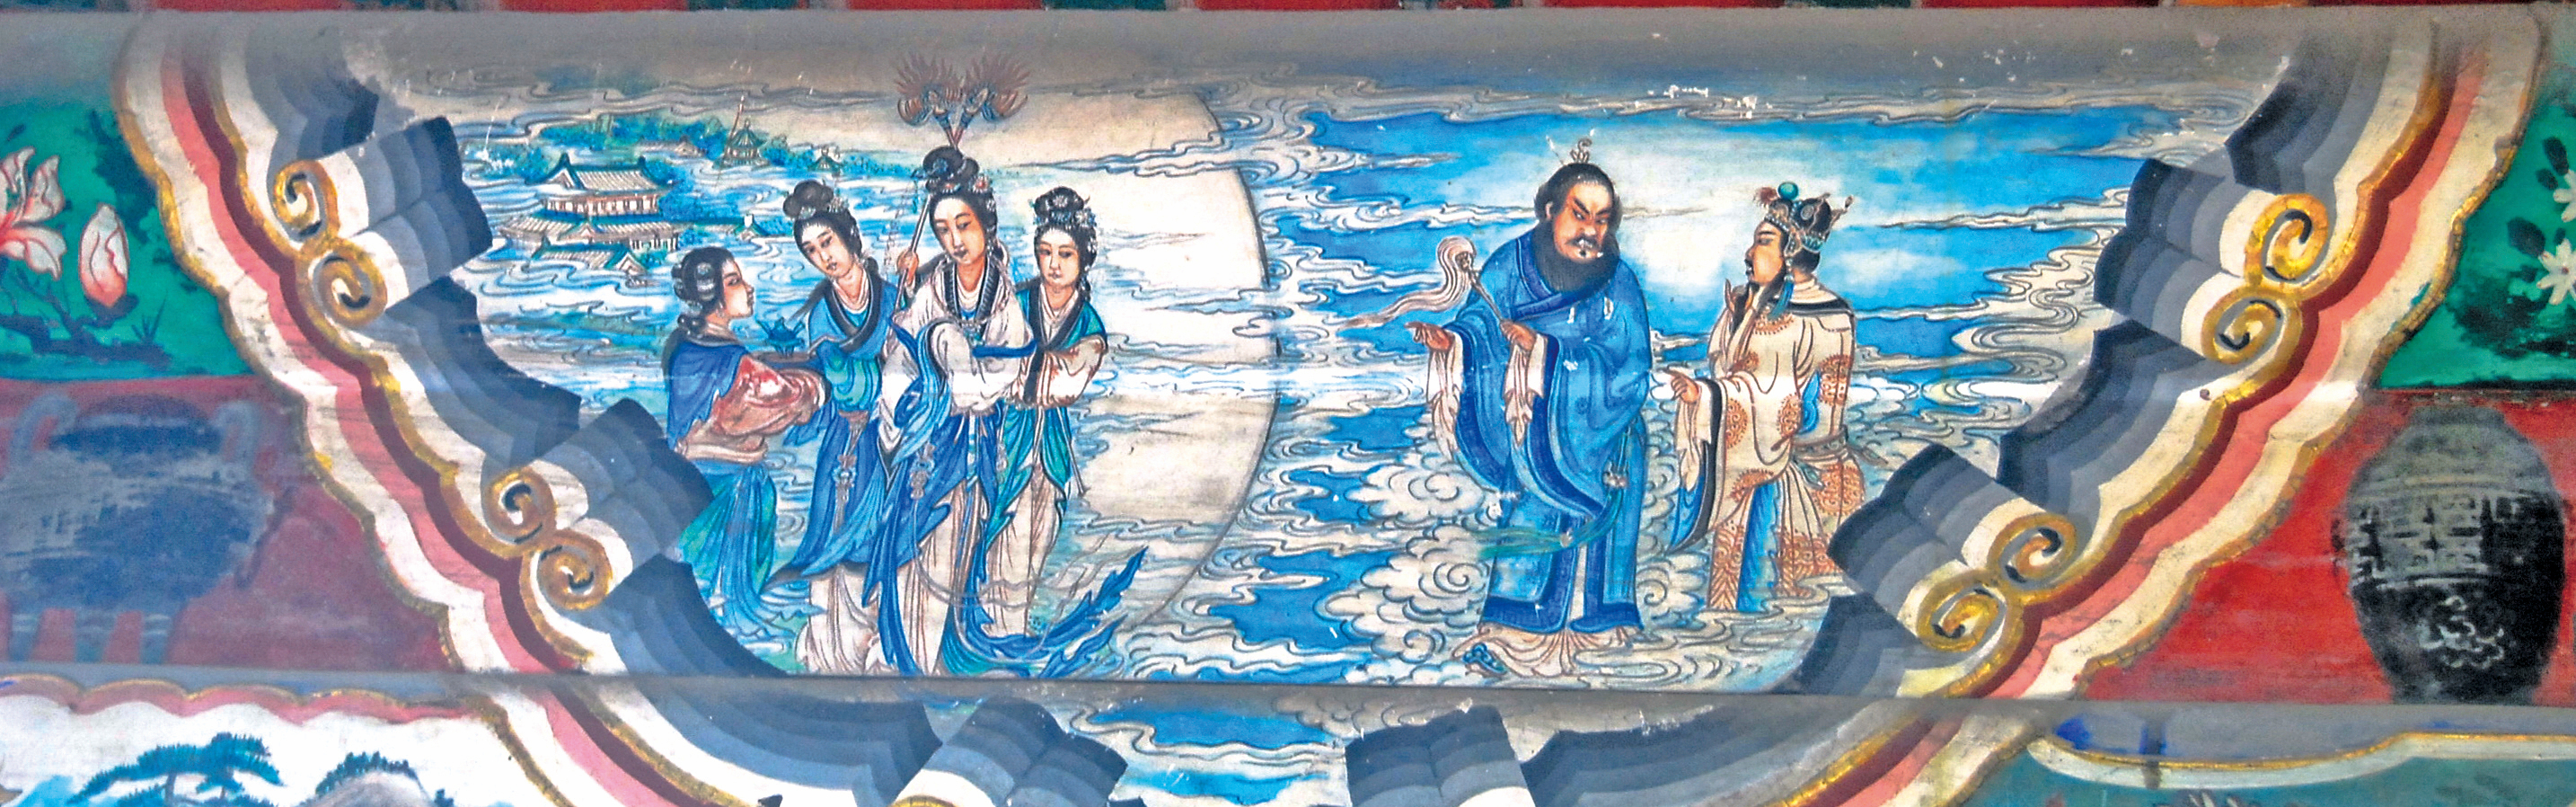 頤和園長廊彩繪:唐玄宗遊月宮。(Shizhao / 維基百科)